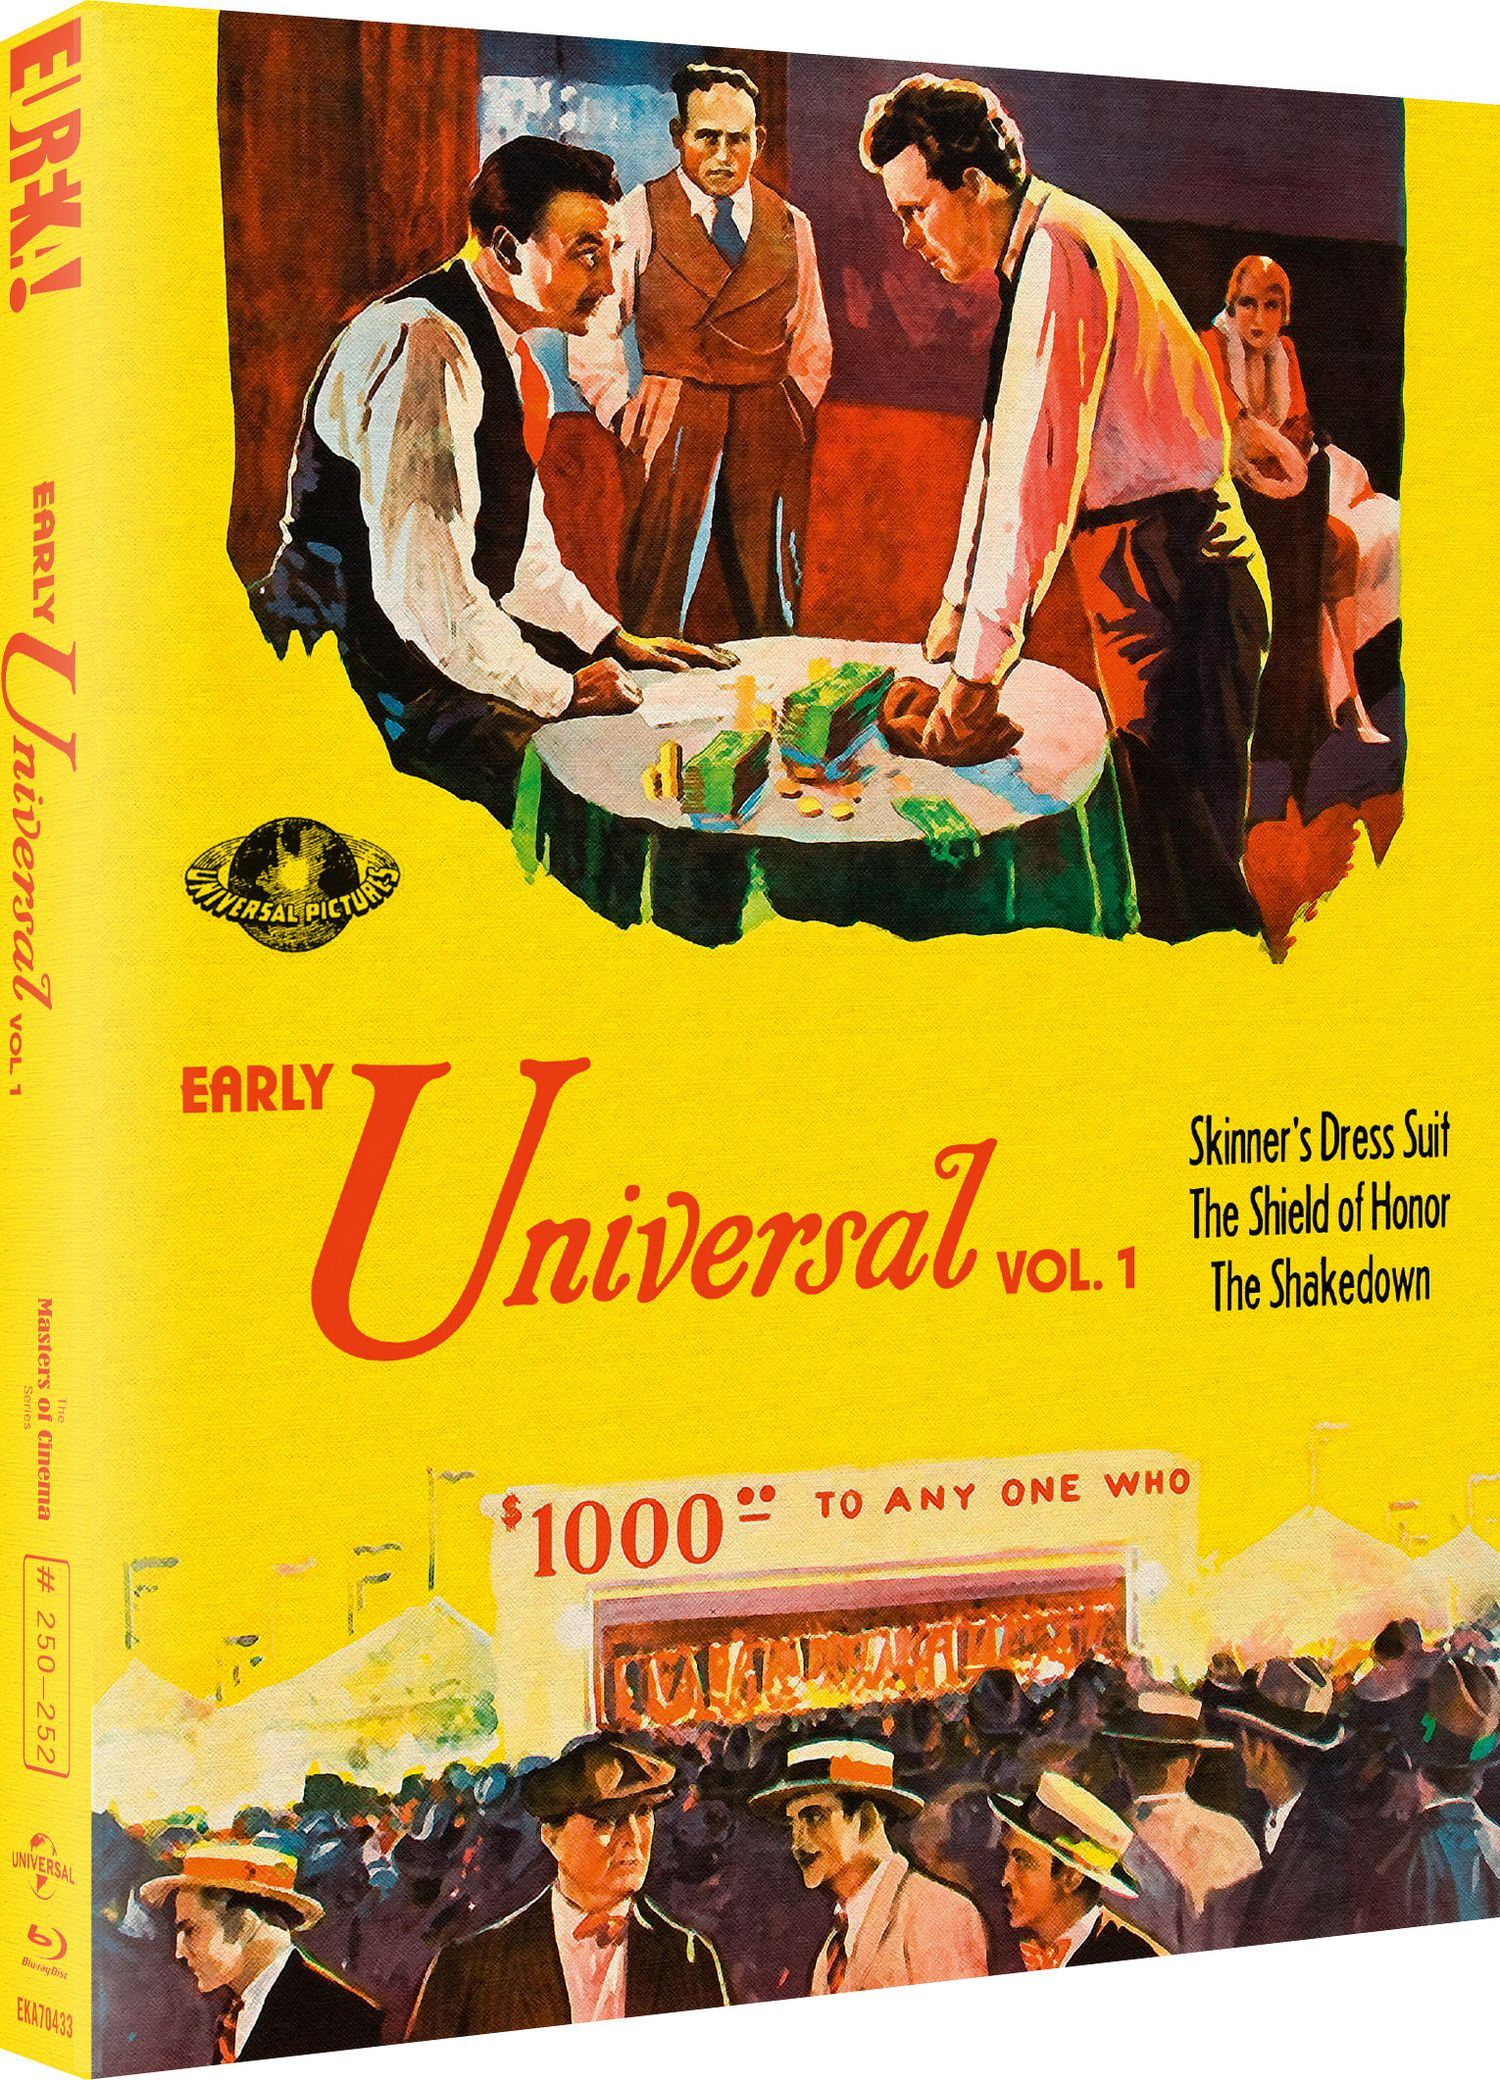 eka70433_early-universal-vol-1_o-card_3d_pack_300dpi_51173362592_o